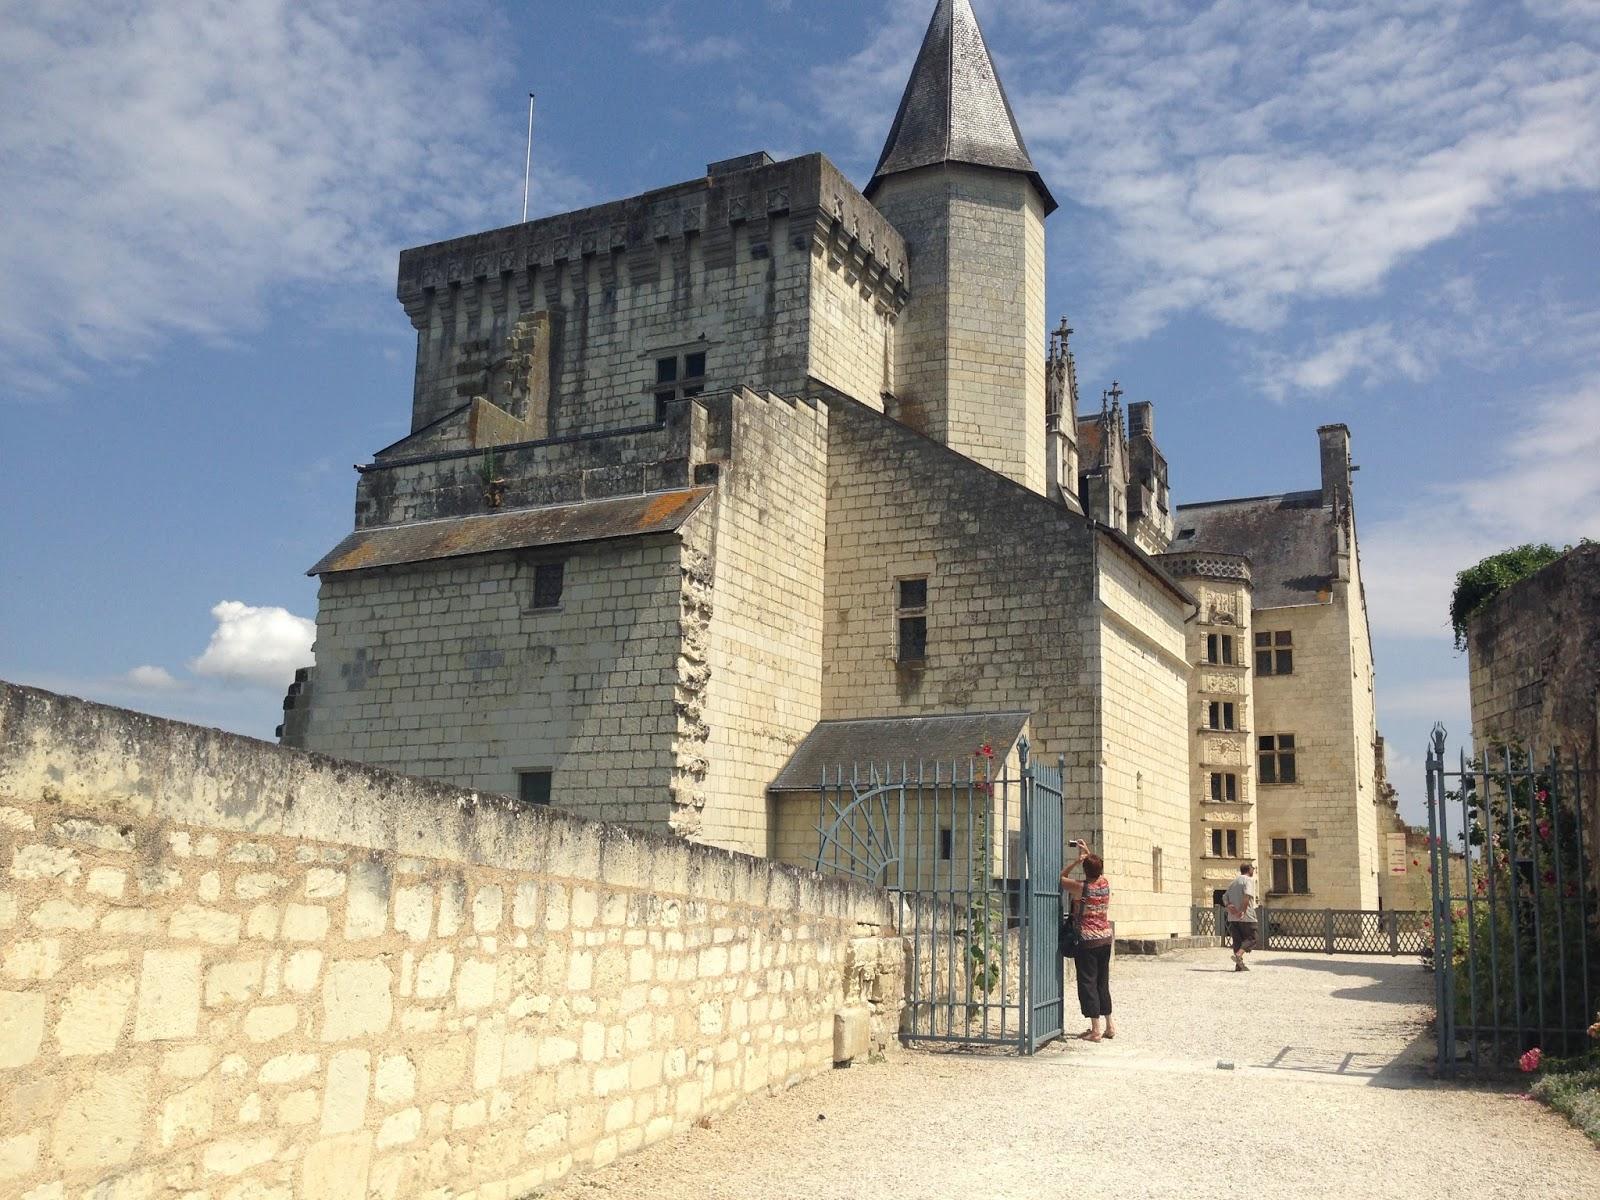 zamek z powieści Duma w Montsoreau, zamek nad Loarą